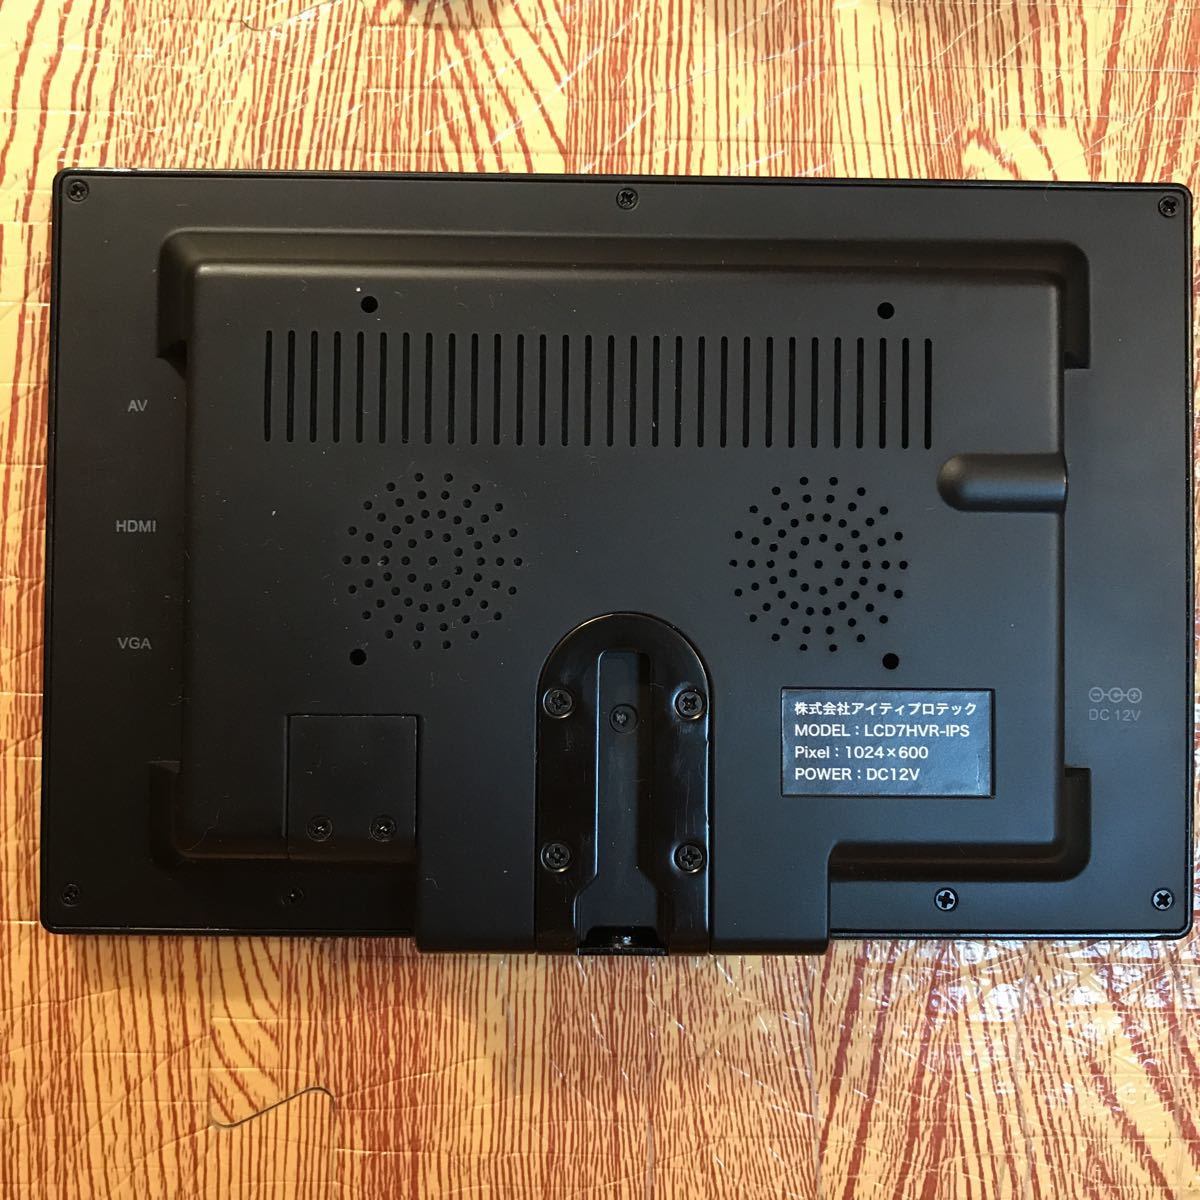 【1円~】7型マルチモニター LCD7HVR-IPS【一部動作確認済】_画像3